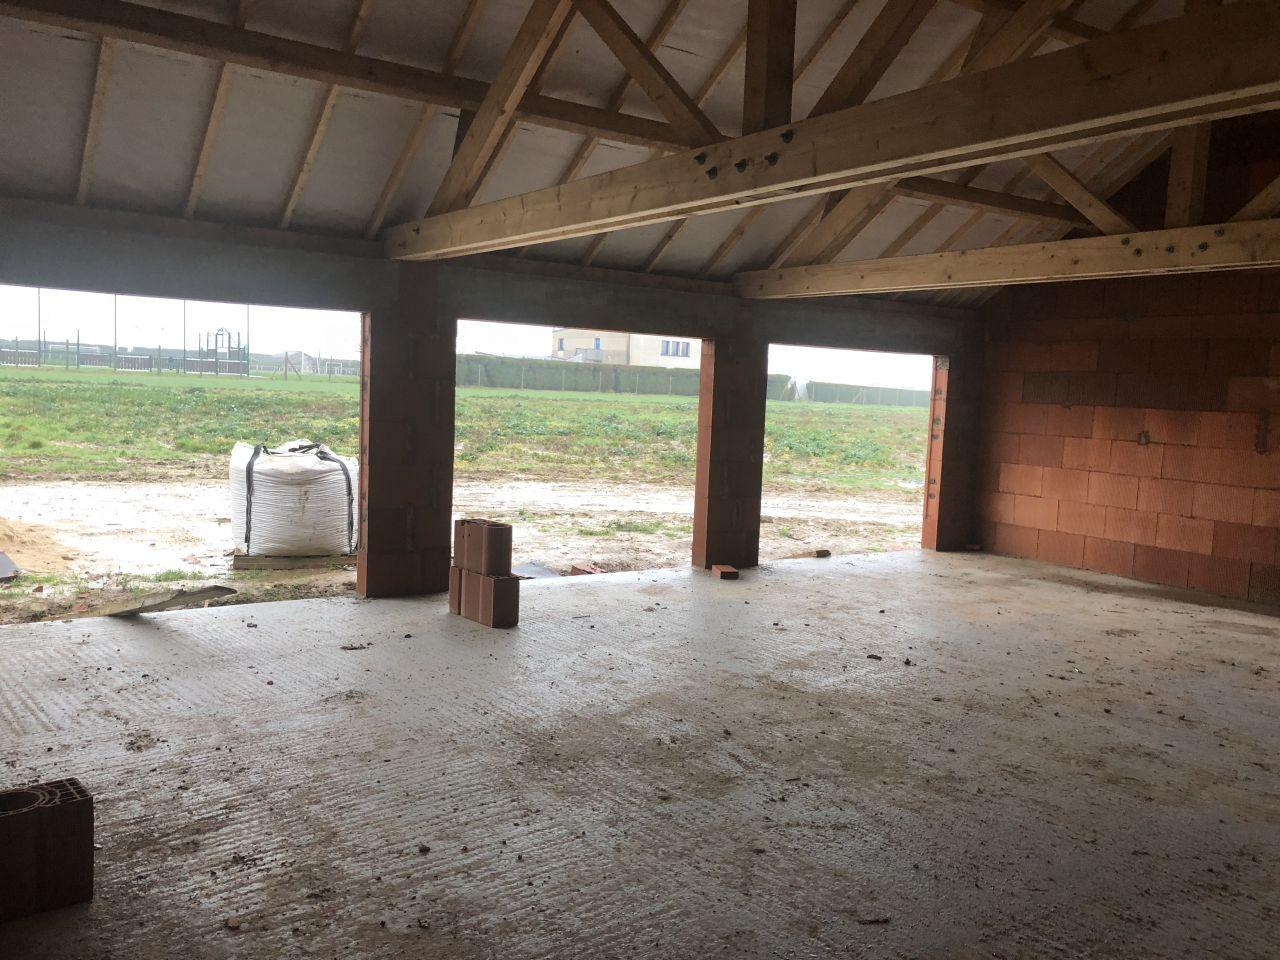 Vue de l'intérieur du garage et de la charpente